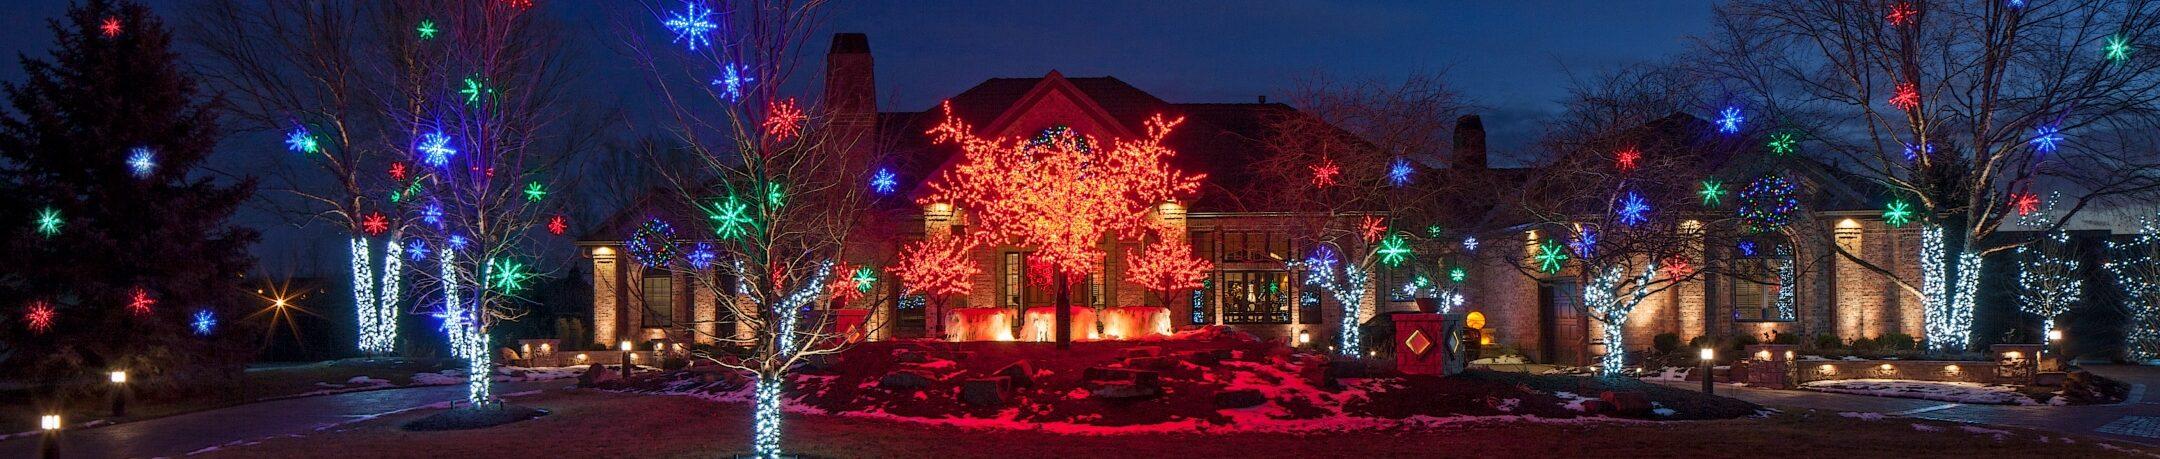 Event & Holiday Lighting